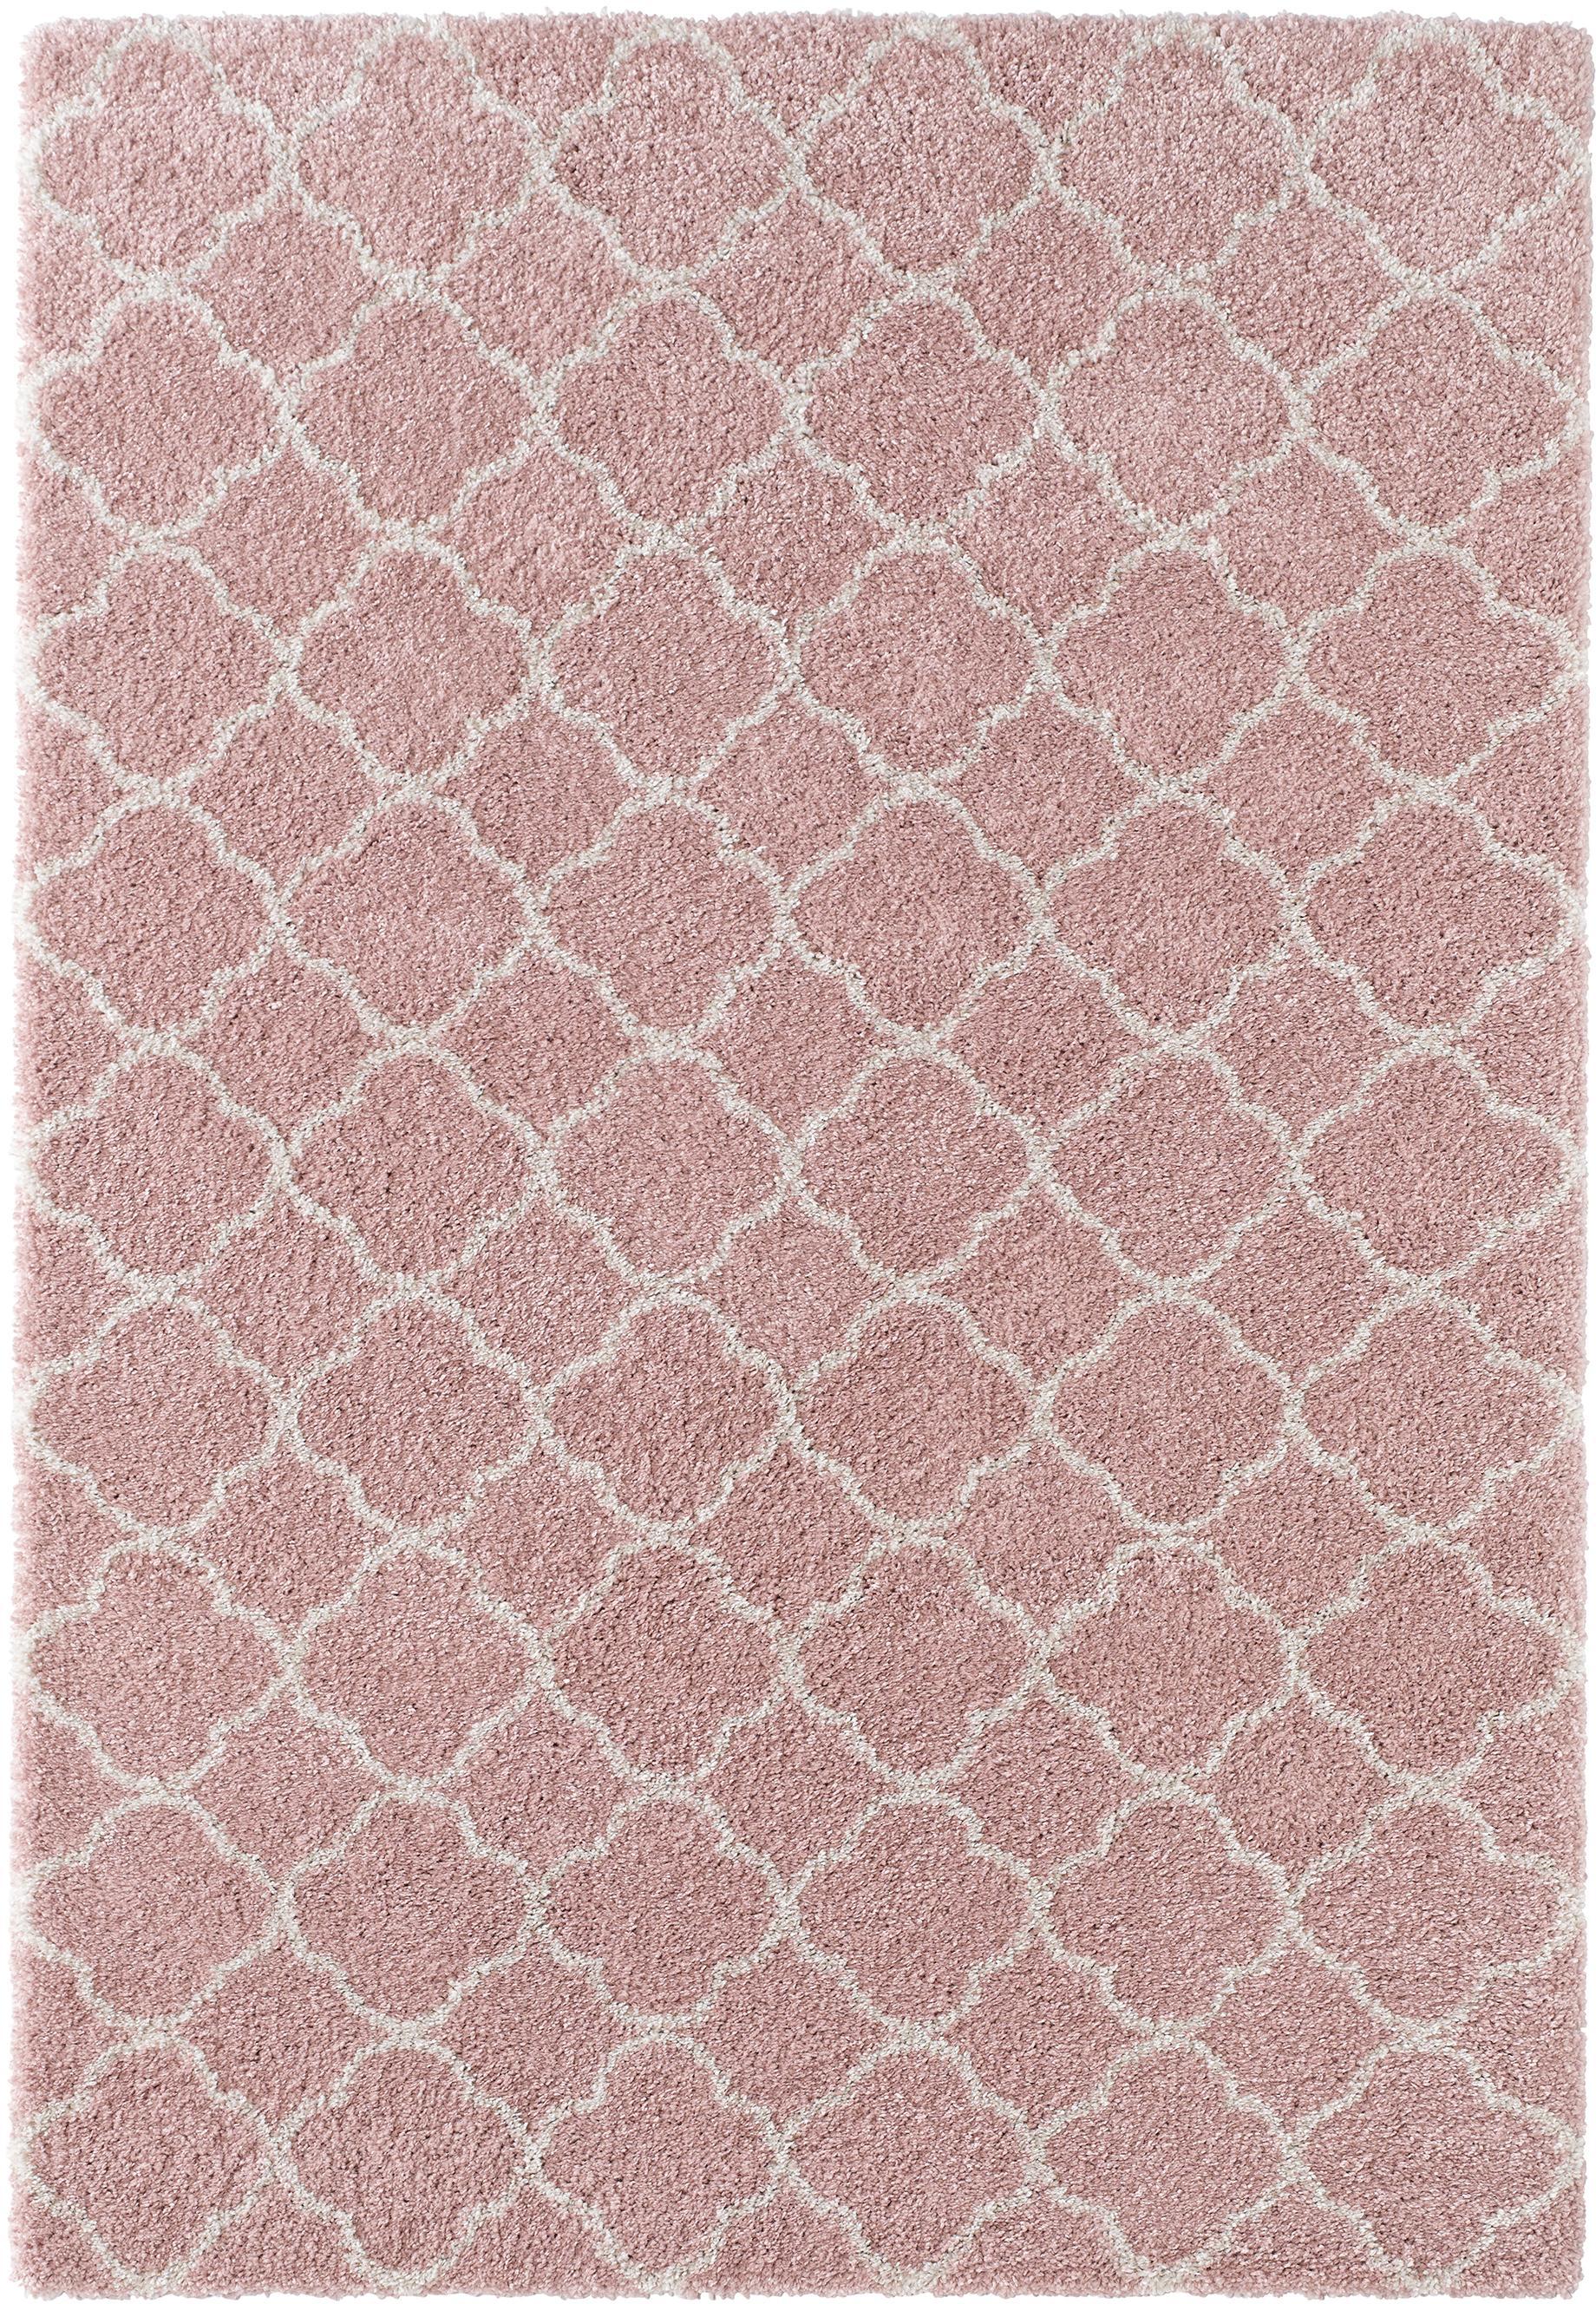 Tappeto a pelo corto rosa-crema Grace, Retro: juta, Rosa cipria, crema, Larg. 200 x Lung. 290 cm (taglia L)